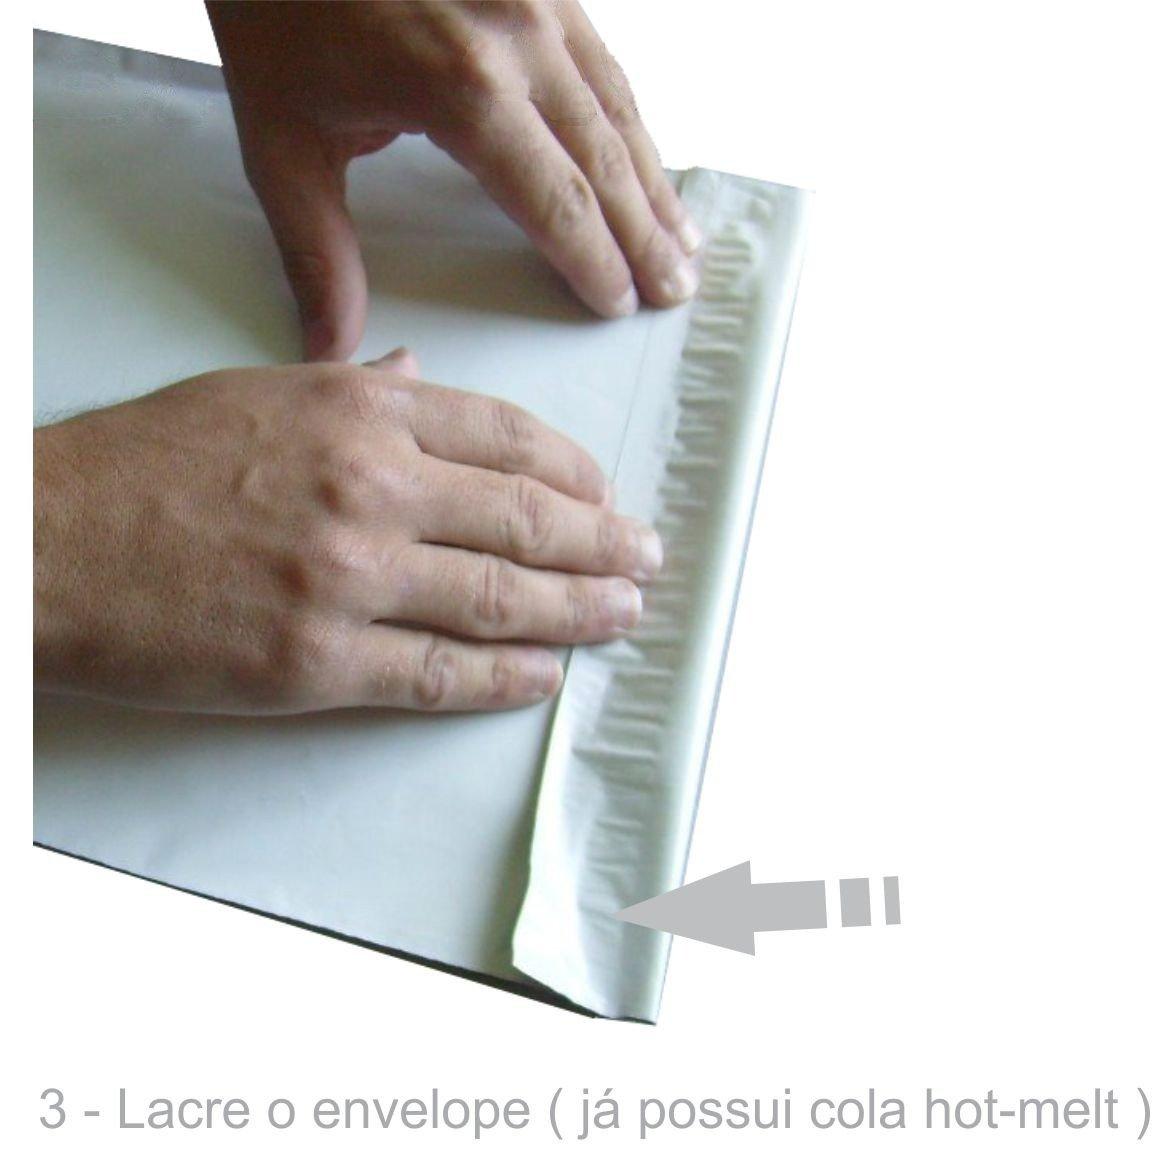 Envelope Plástico Segurança Lacre Tipo Sedex 80x60 (50 Unidades)